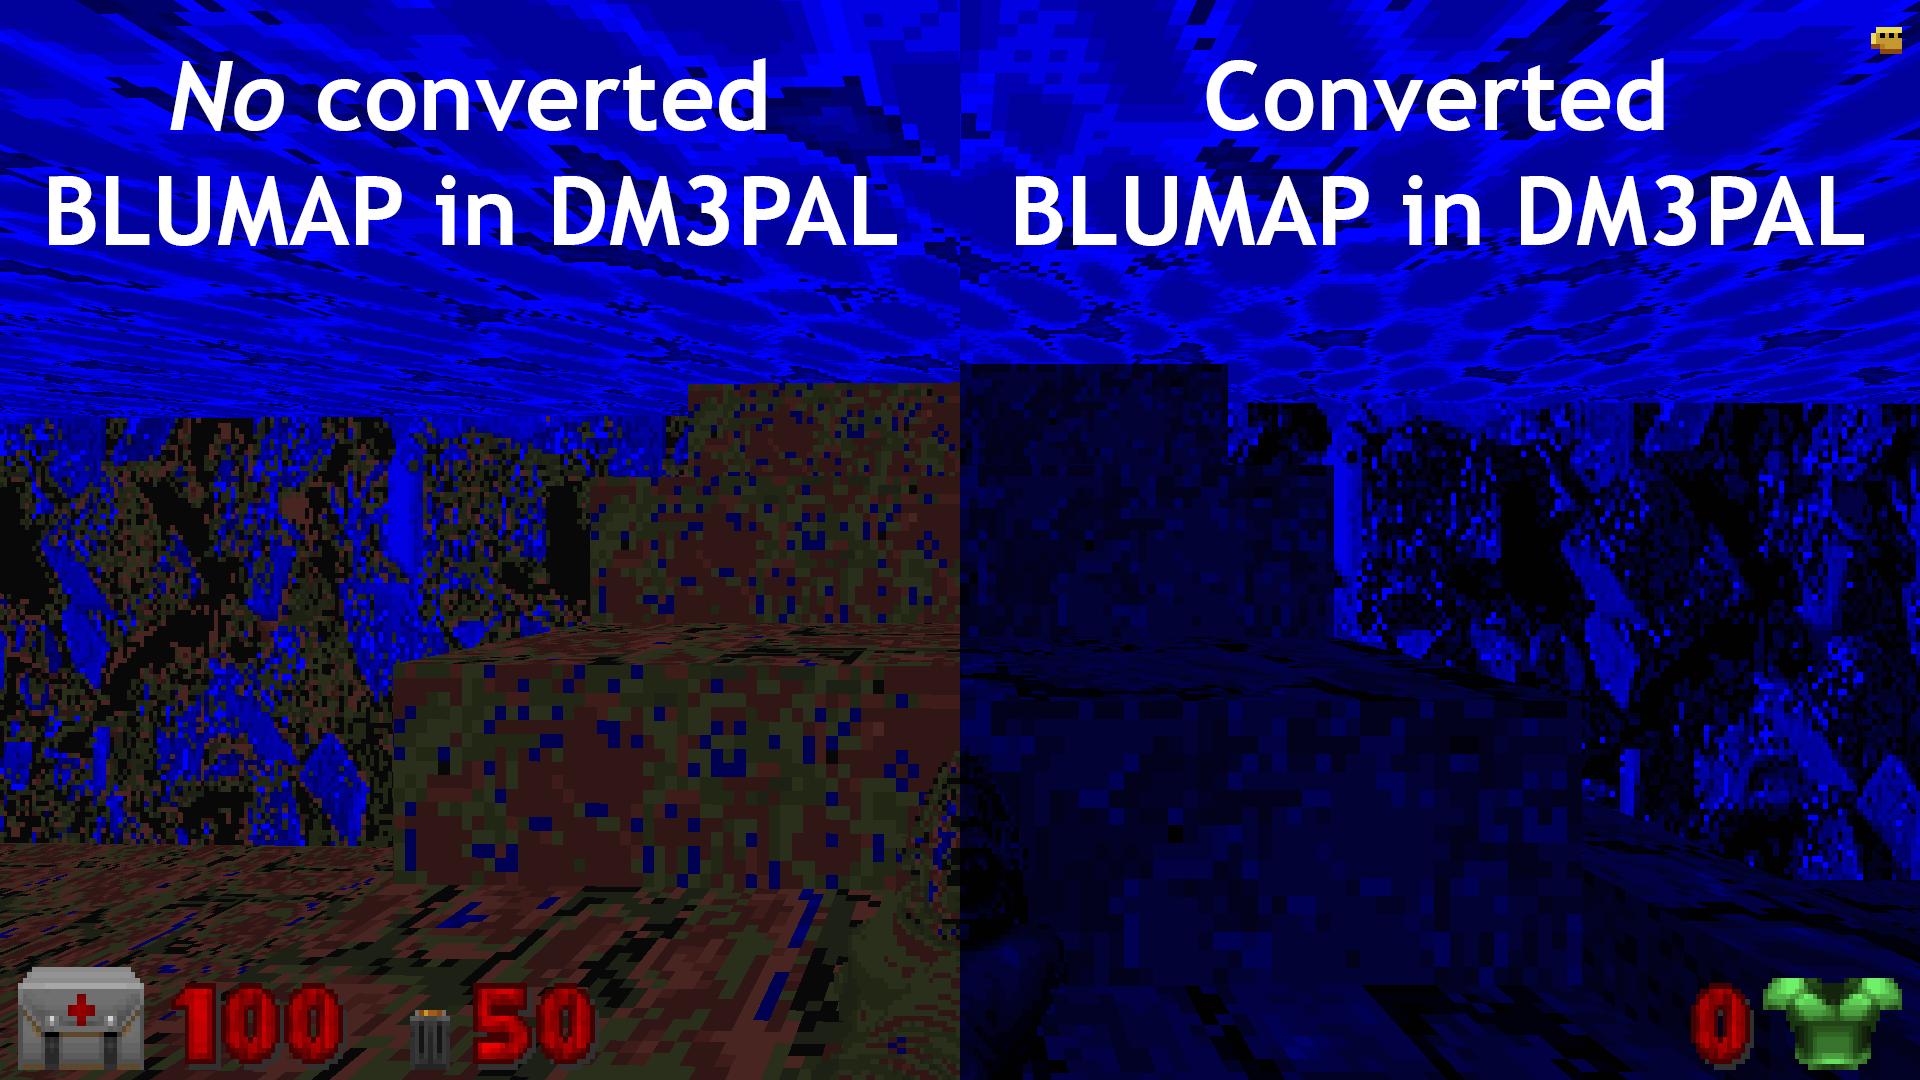 convertedcompare.png.7bf1a1454cc8422c10de14b351ed0284.png